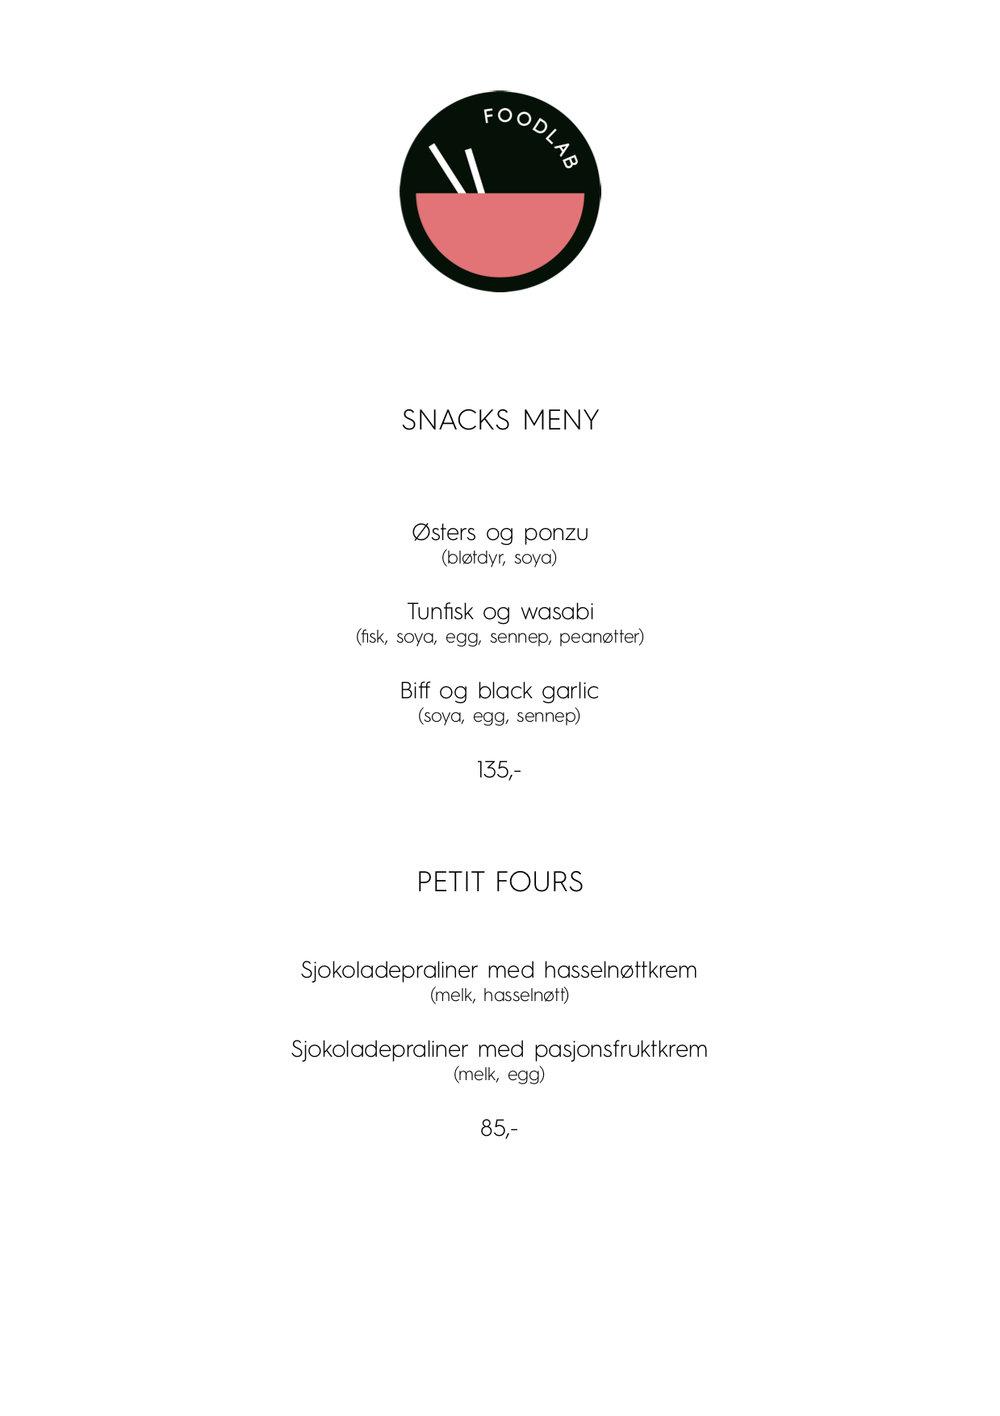 Bryllup sommer 2019 snacks meny.jpg